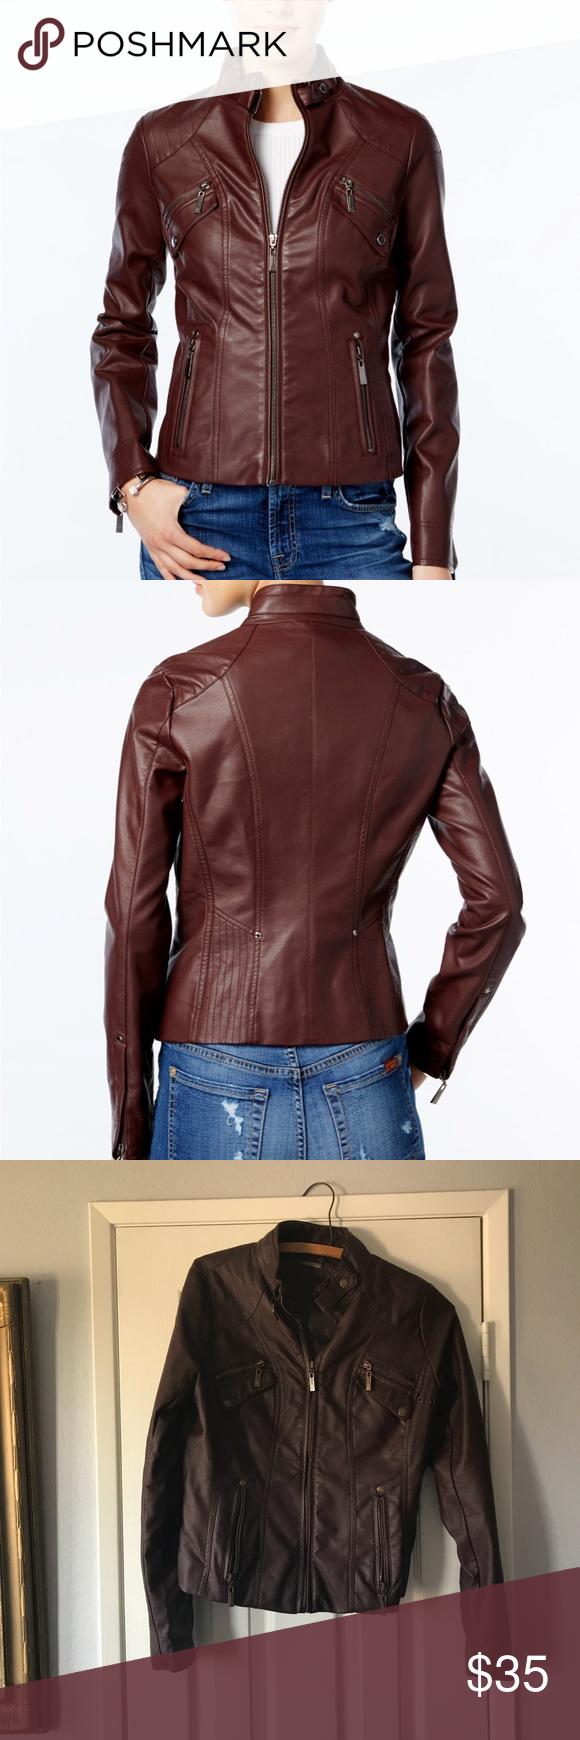 Macy's JouJou vegan leather jacket in walnut Beautiful